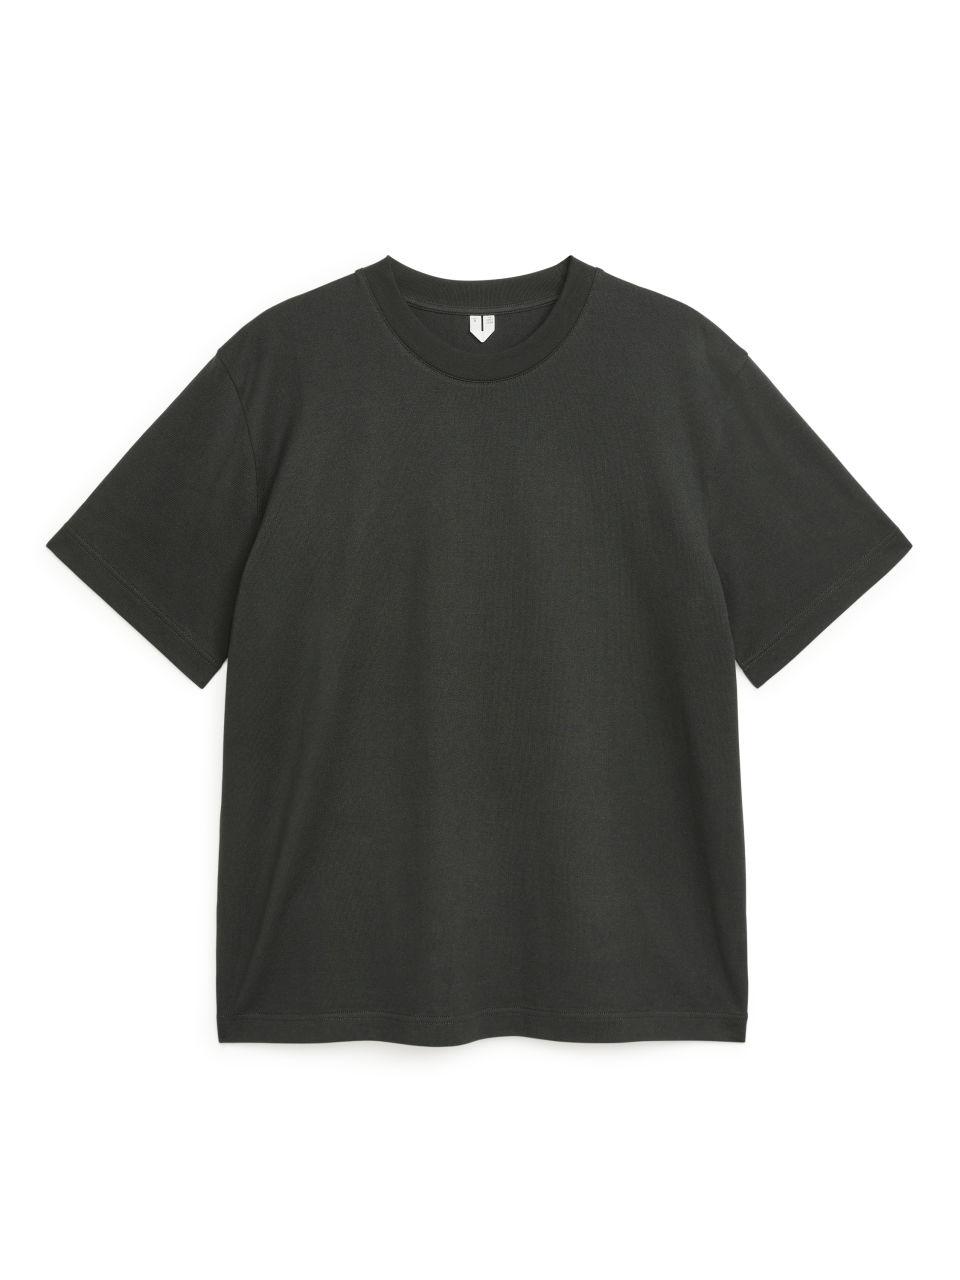 Oversized Heavyweight T-shirt - Brown